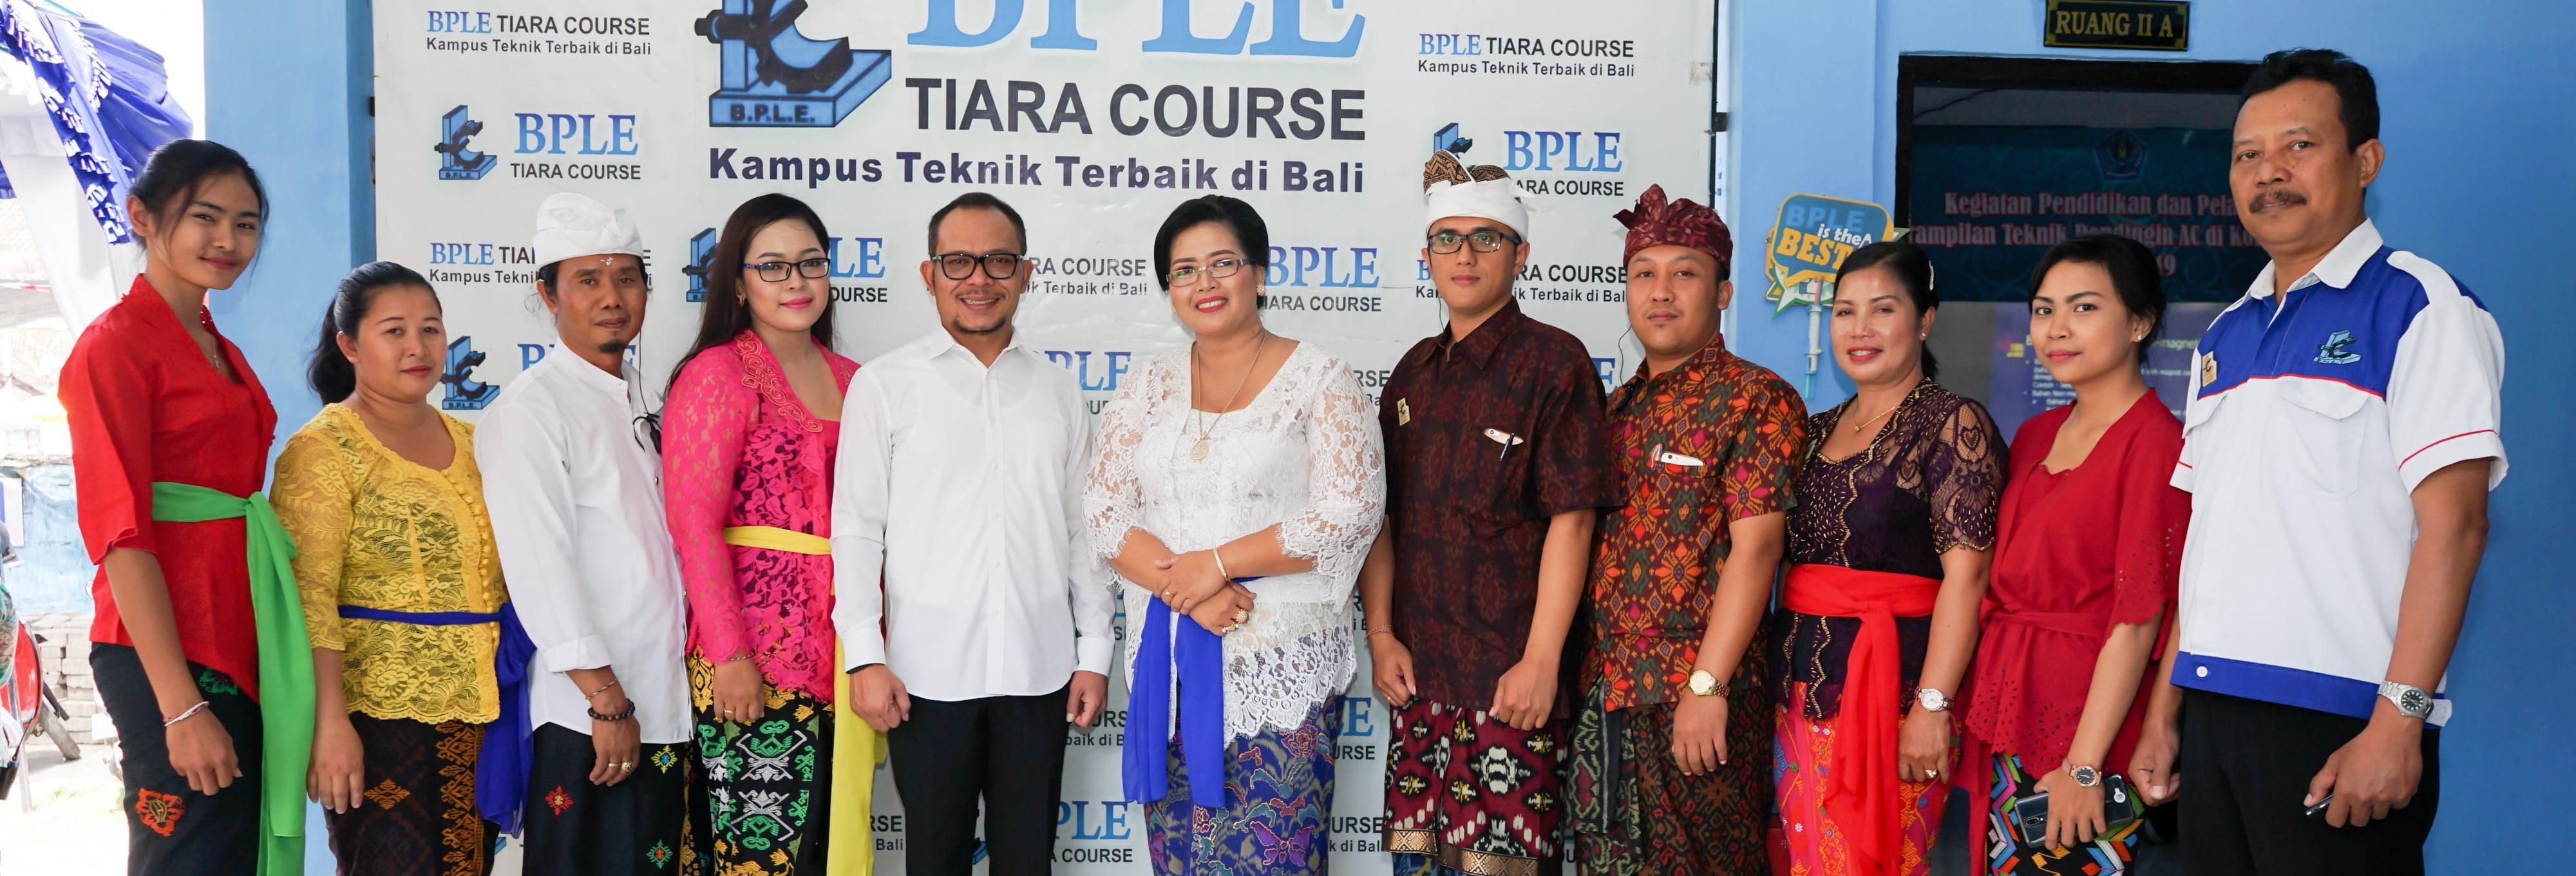 Foto Bersama Staff BPLE Tiara Course Dengan Menteri Ketenagakerjaan